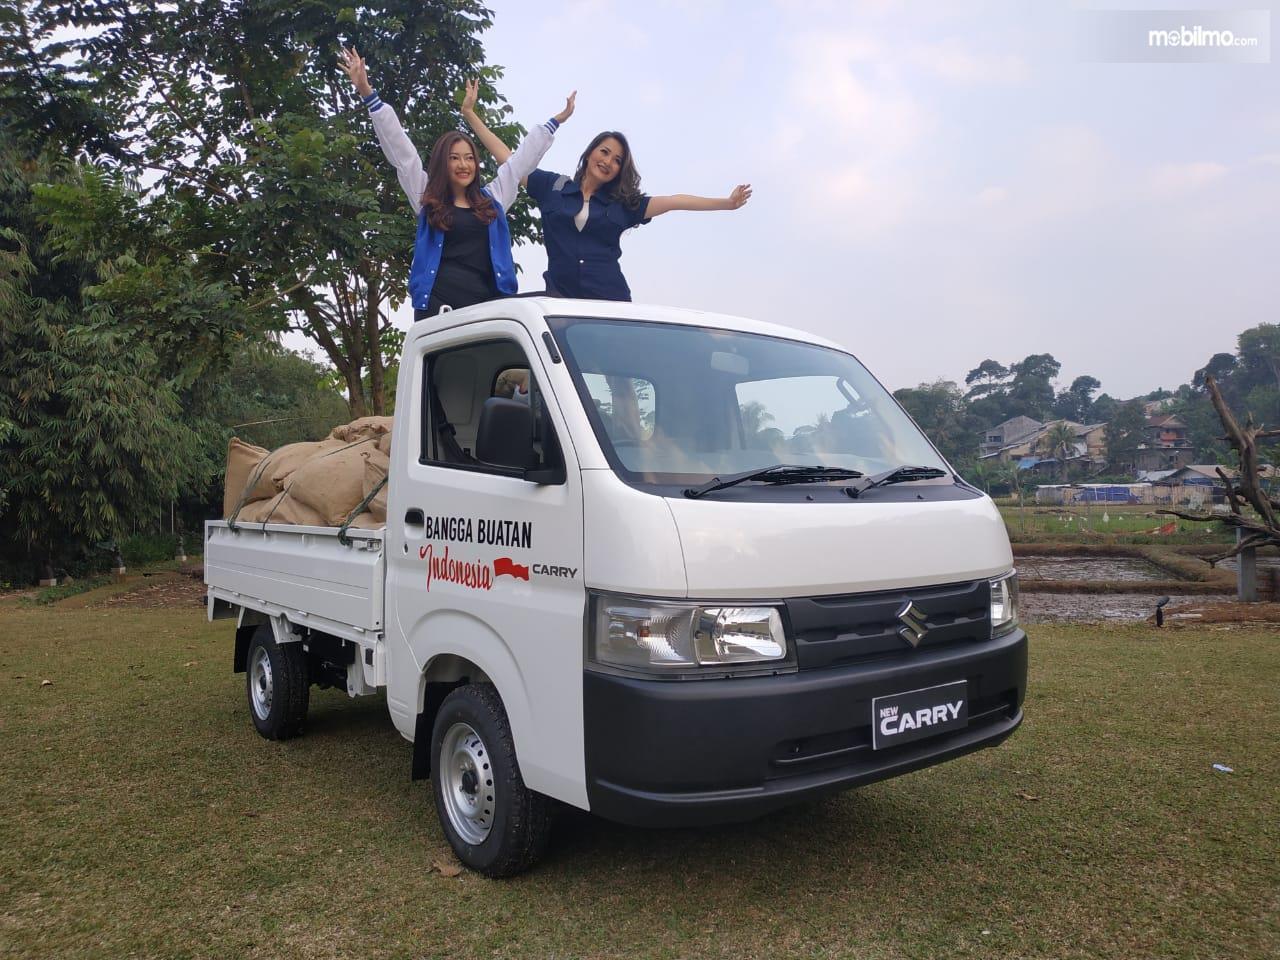 Gambar menunjukkan New Suzuki Carry Pick Up Wide Deck 2019 berwarna putih